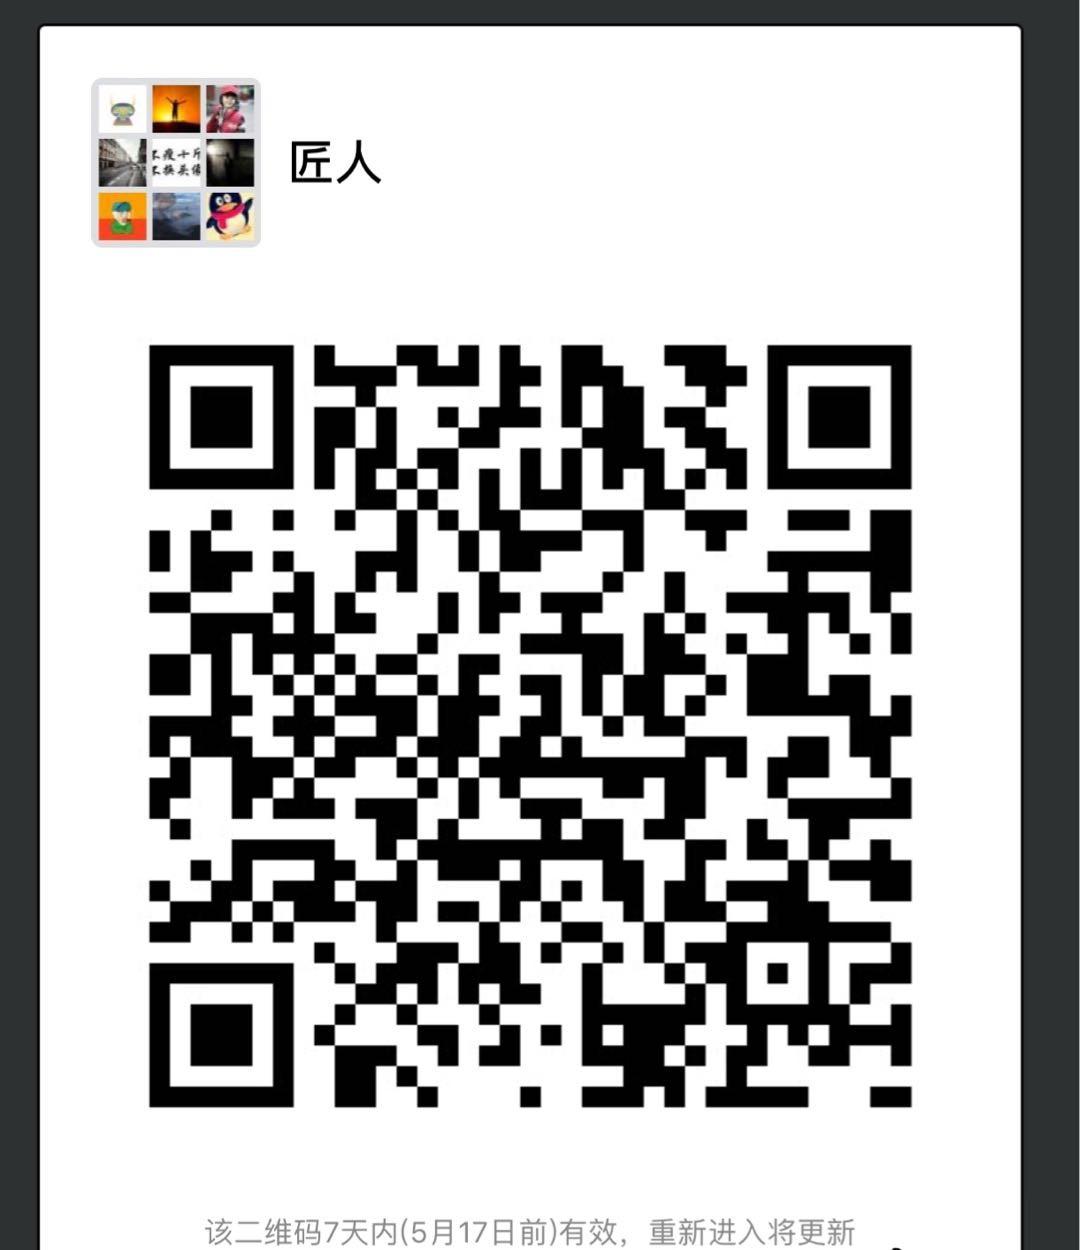 微信图片_20180510140740.jpg